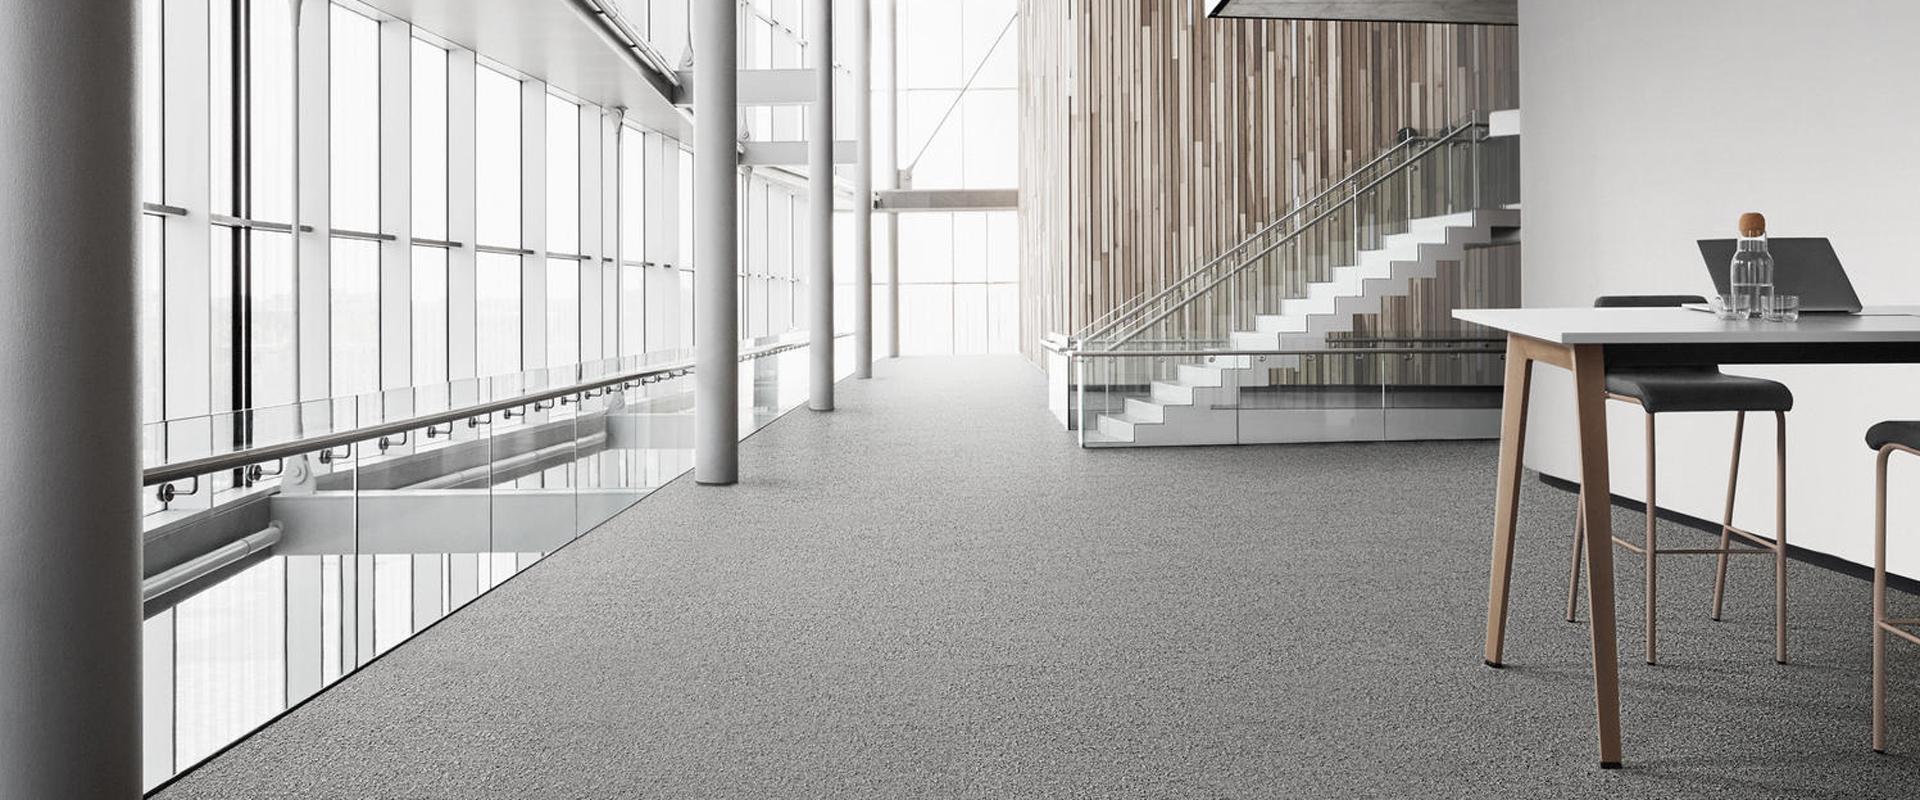 Desso Tarkett tapijttegels